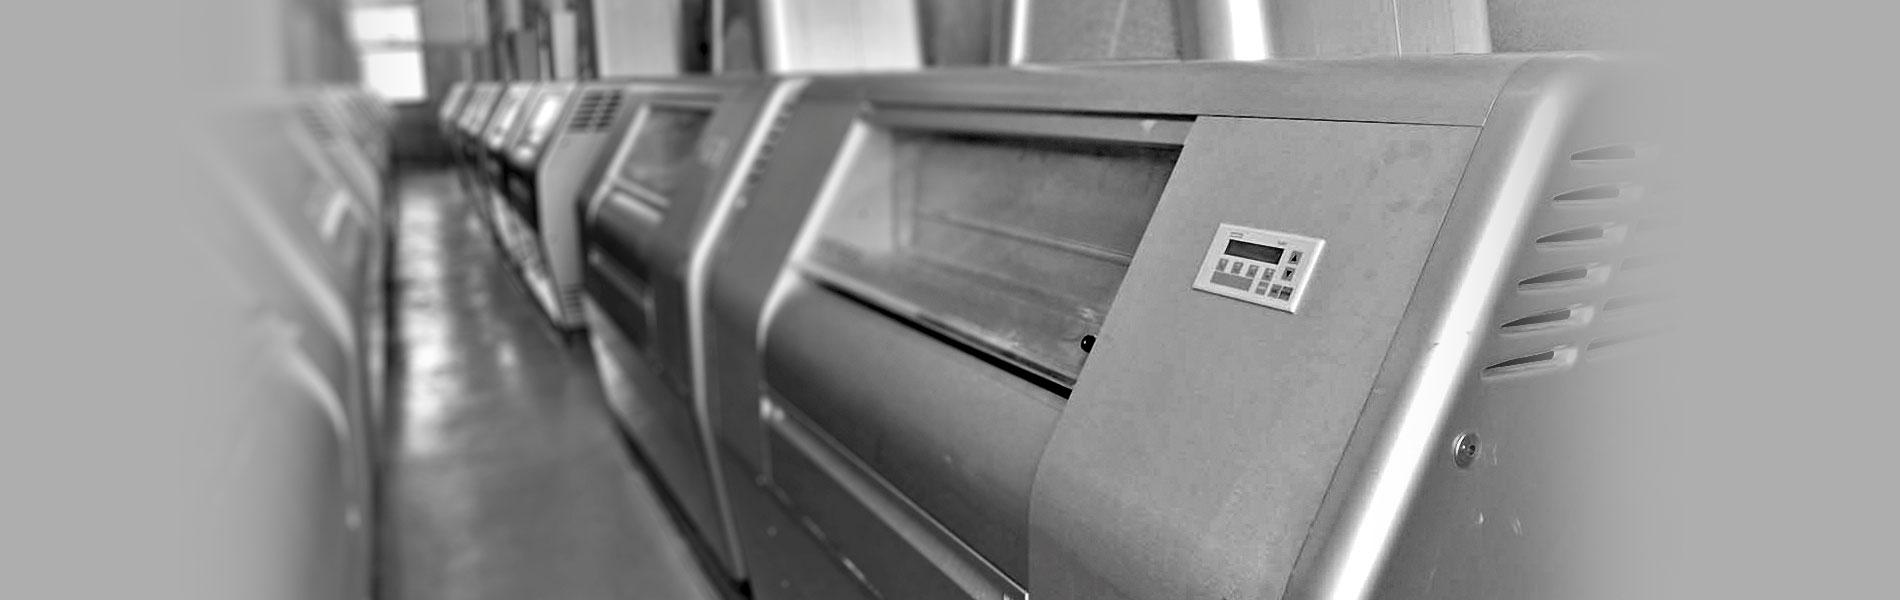 Molino-macchinario-lavorazione-farina